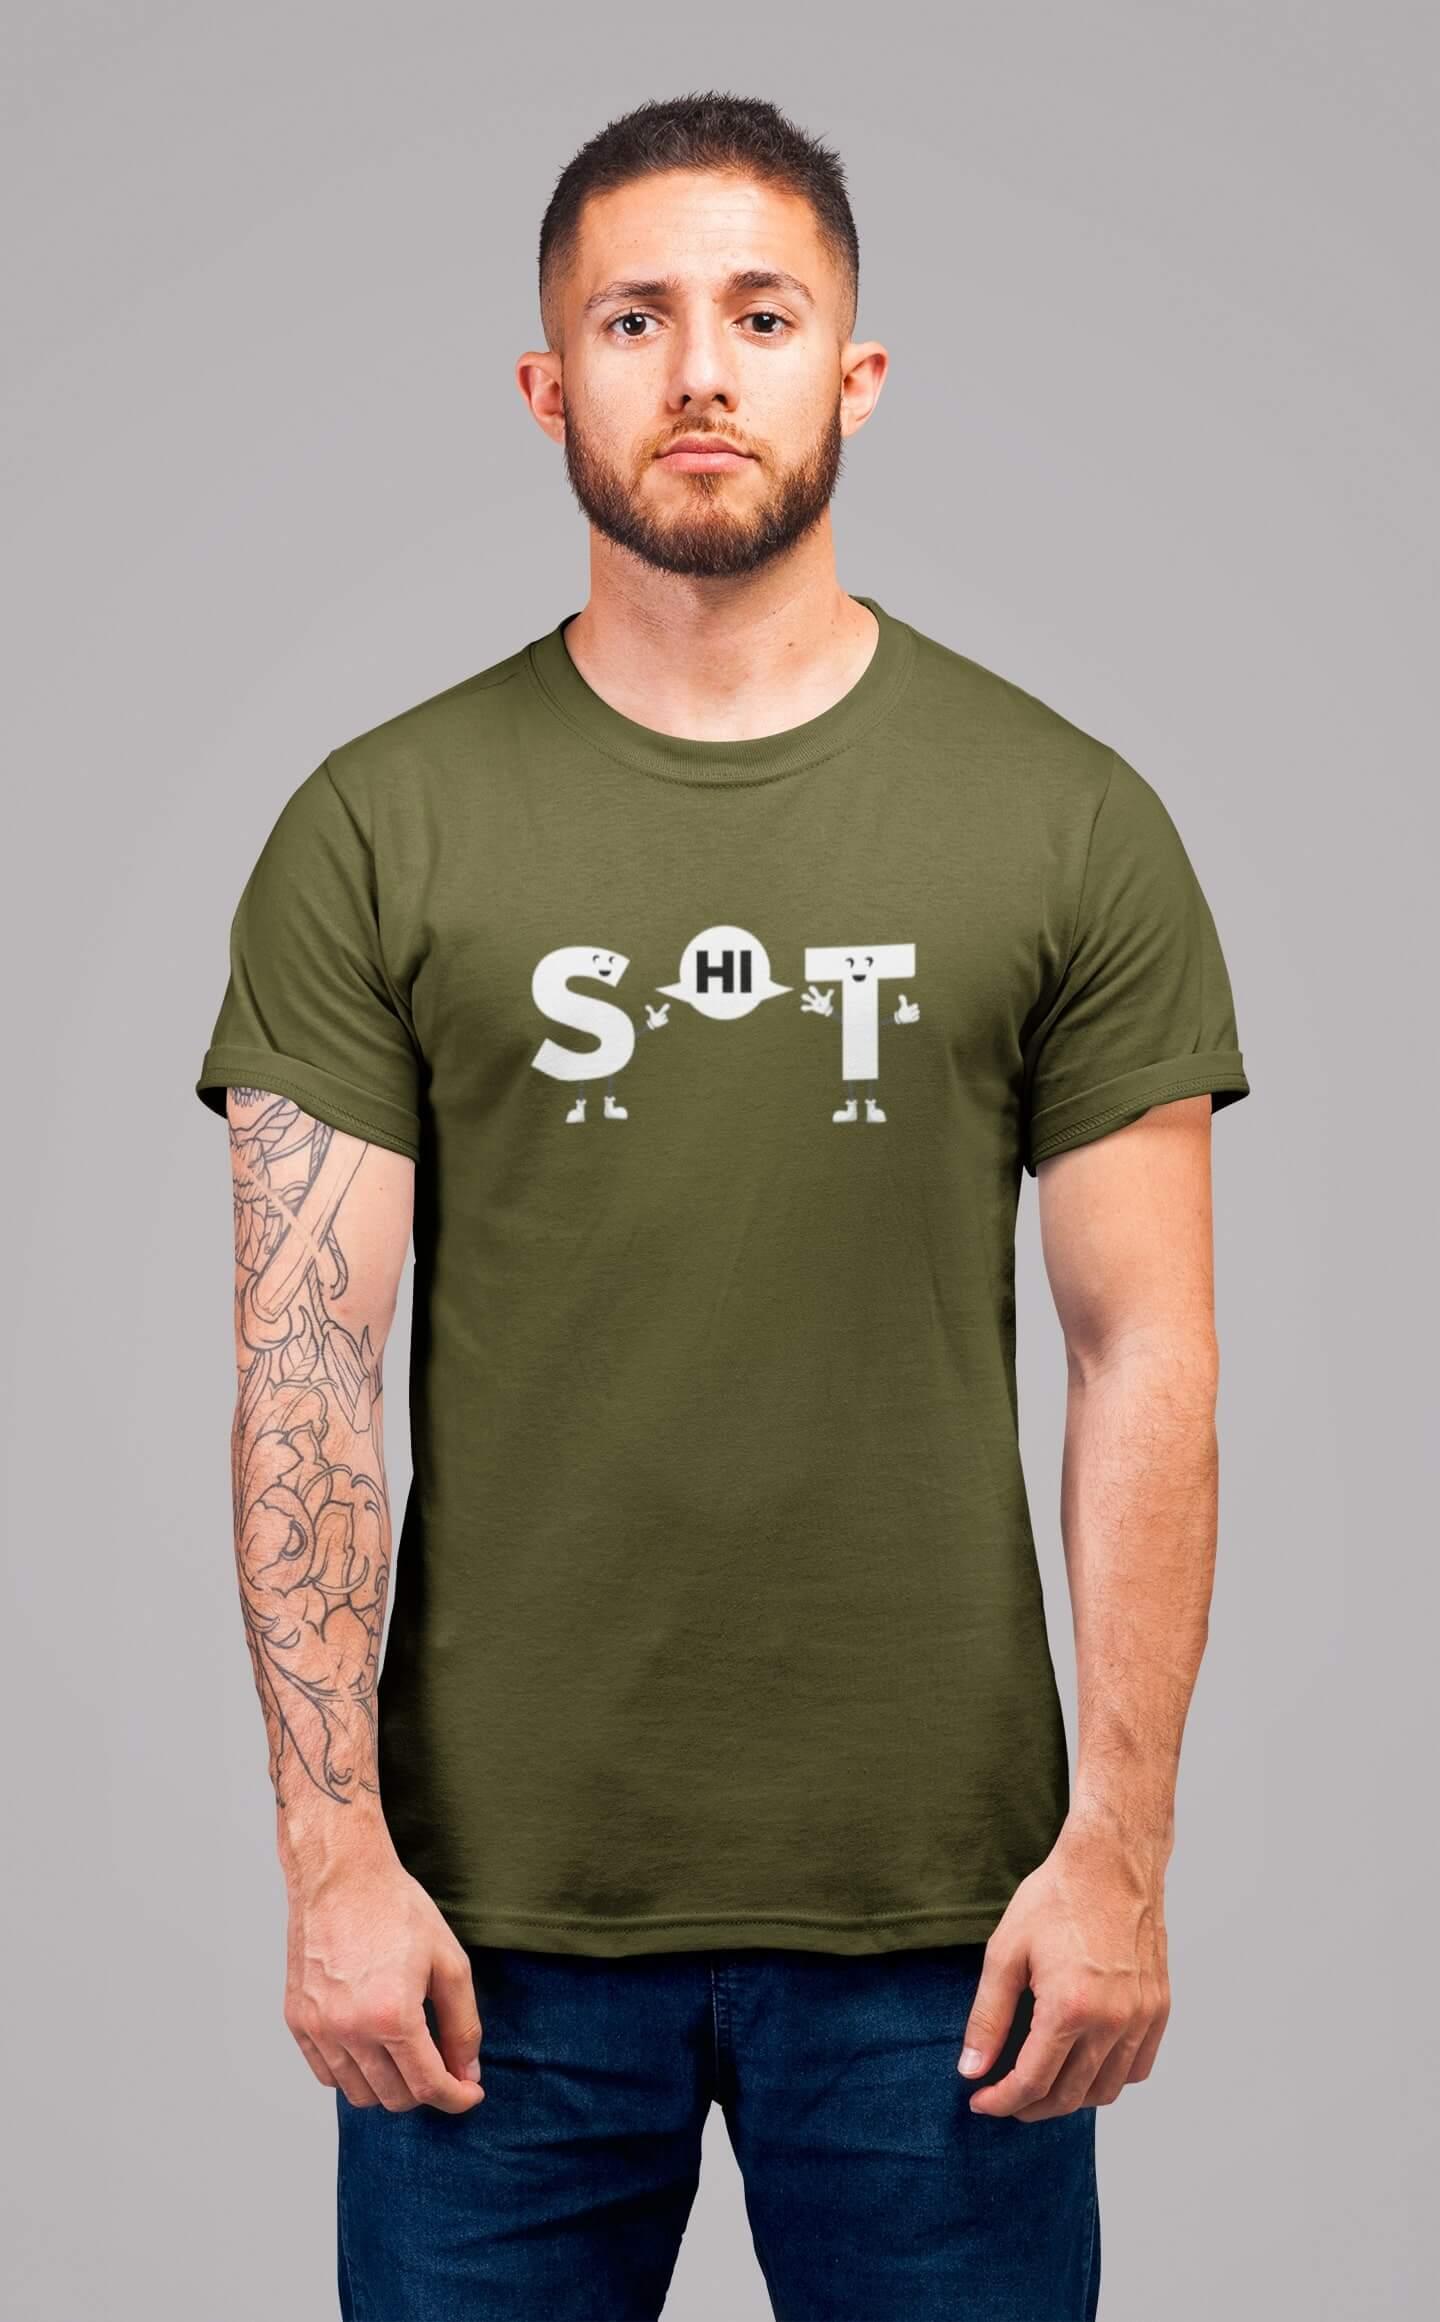 MMO Pánske tričko s vtipným nápisom Vyberte farbu: Khaki, Pánska veľkosť: S